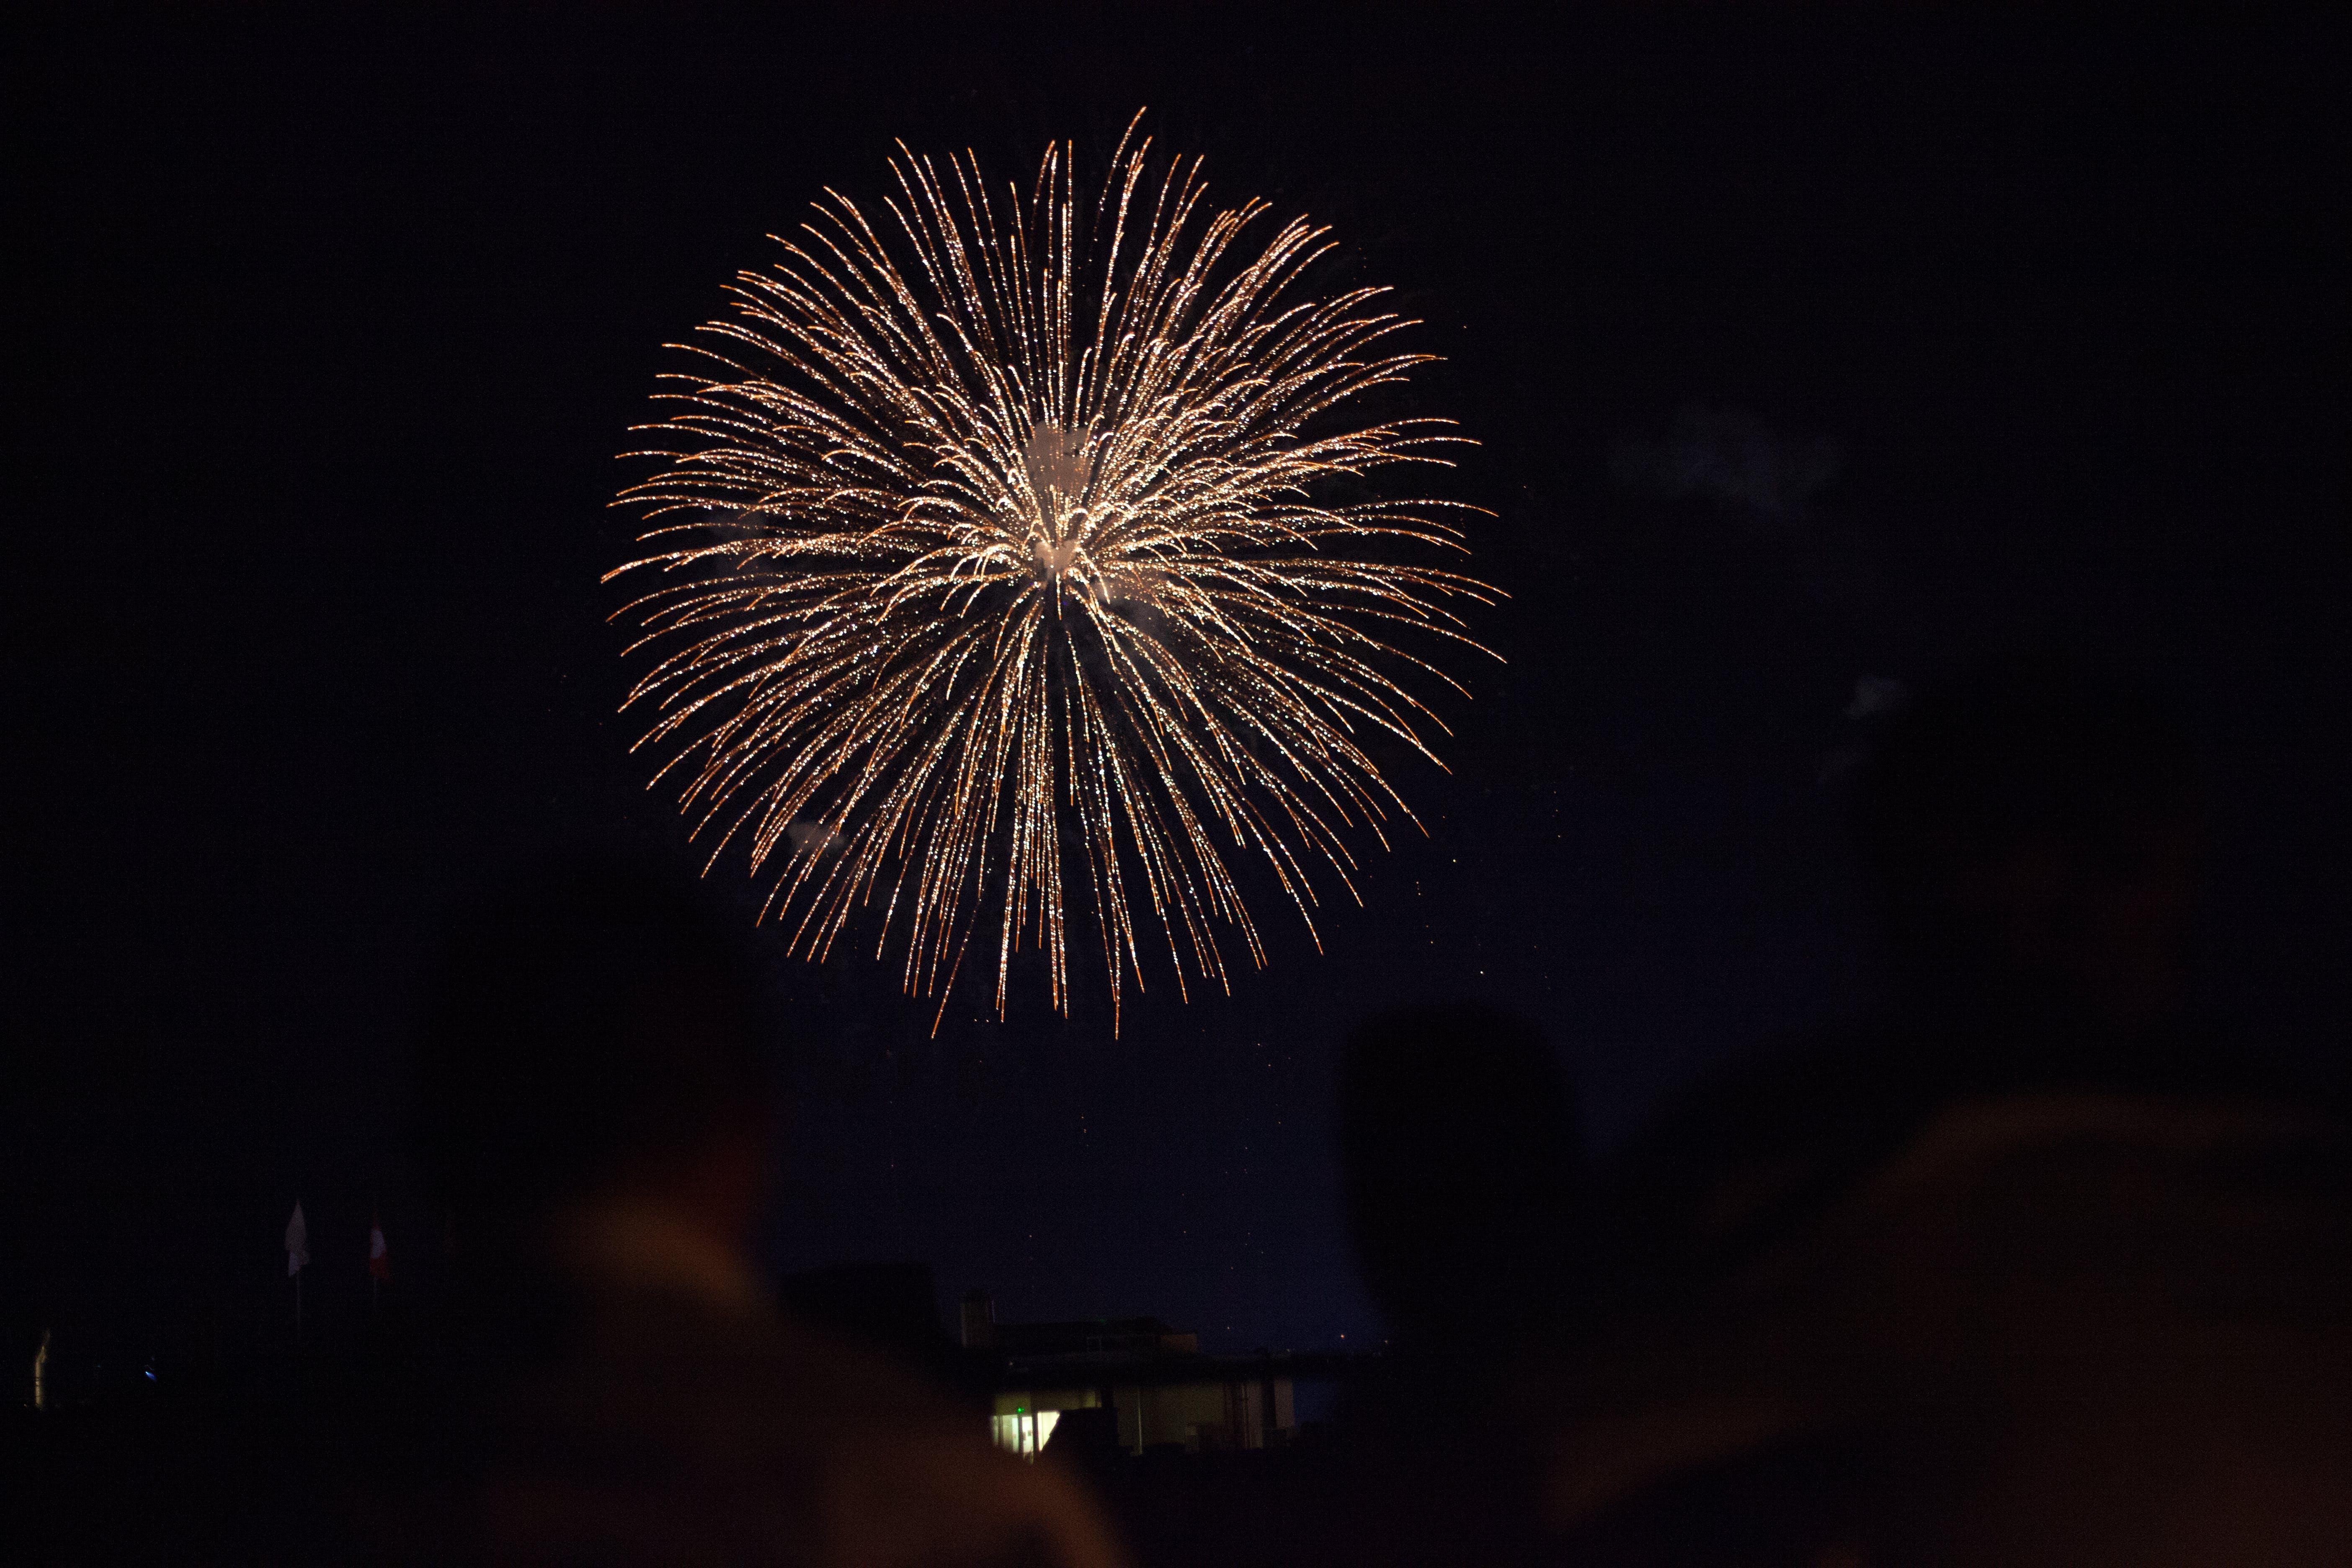 慶祝, 晚上的時間, 歡樂的, 煙花 的 免費圖庫相片